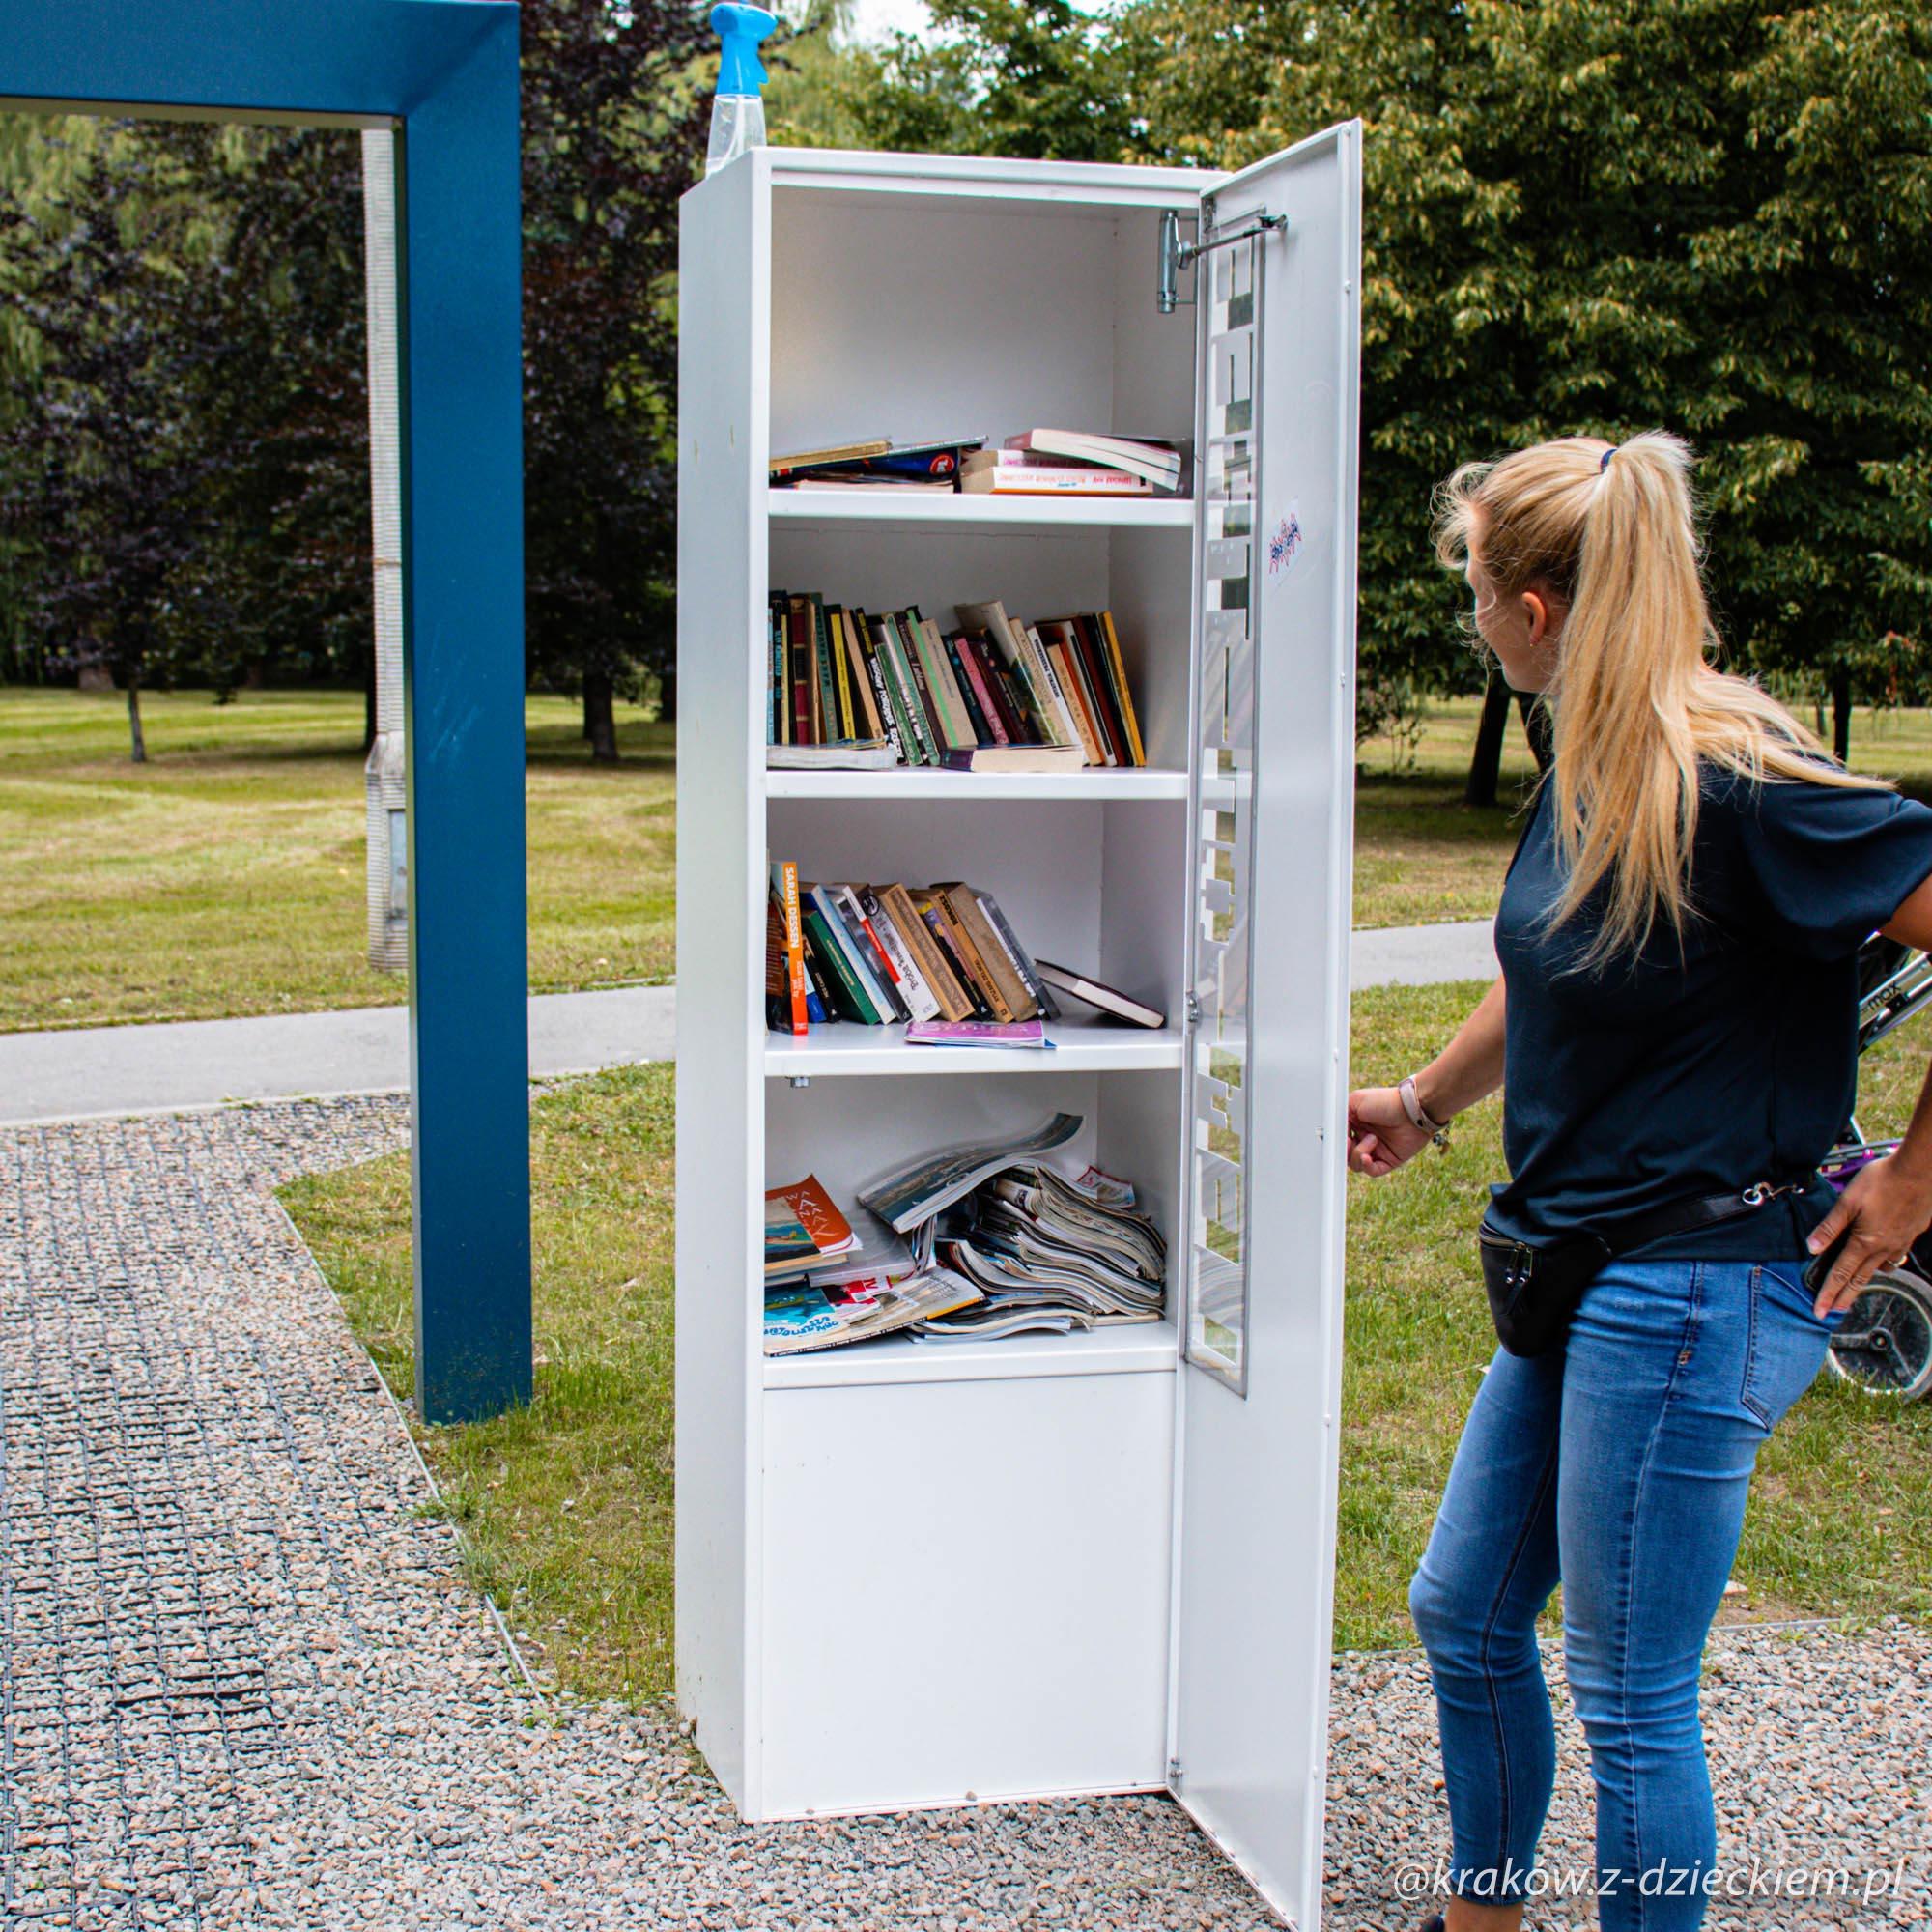 szafa na książki w parku maćka i doroty